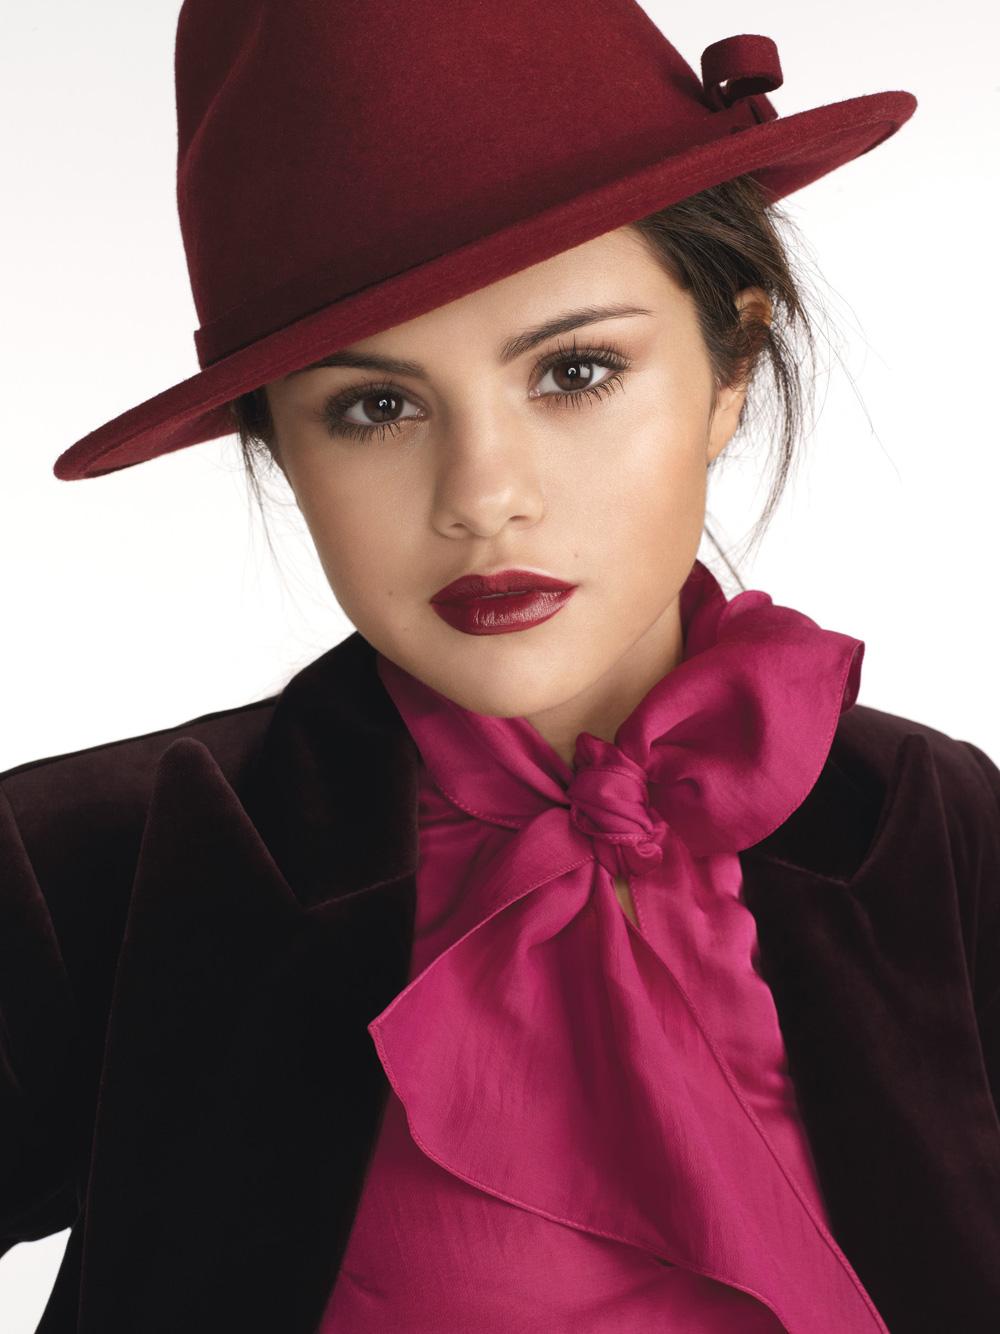 Selena Gomez By Matthias Vriens Mcgrath For Glamour